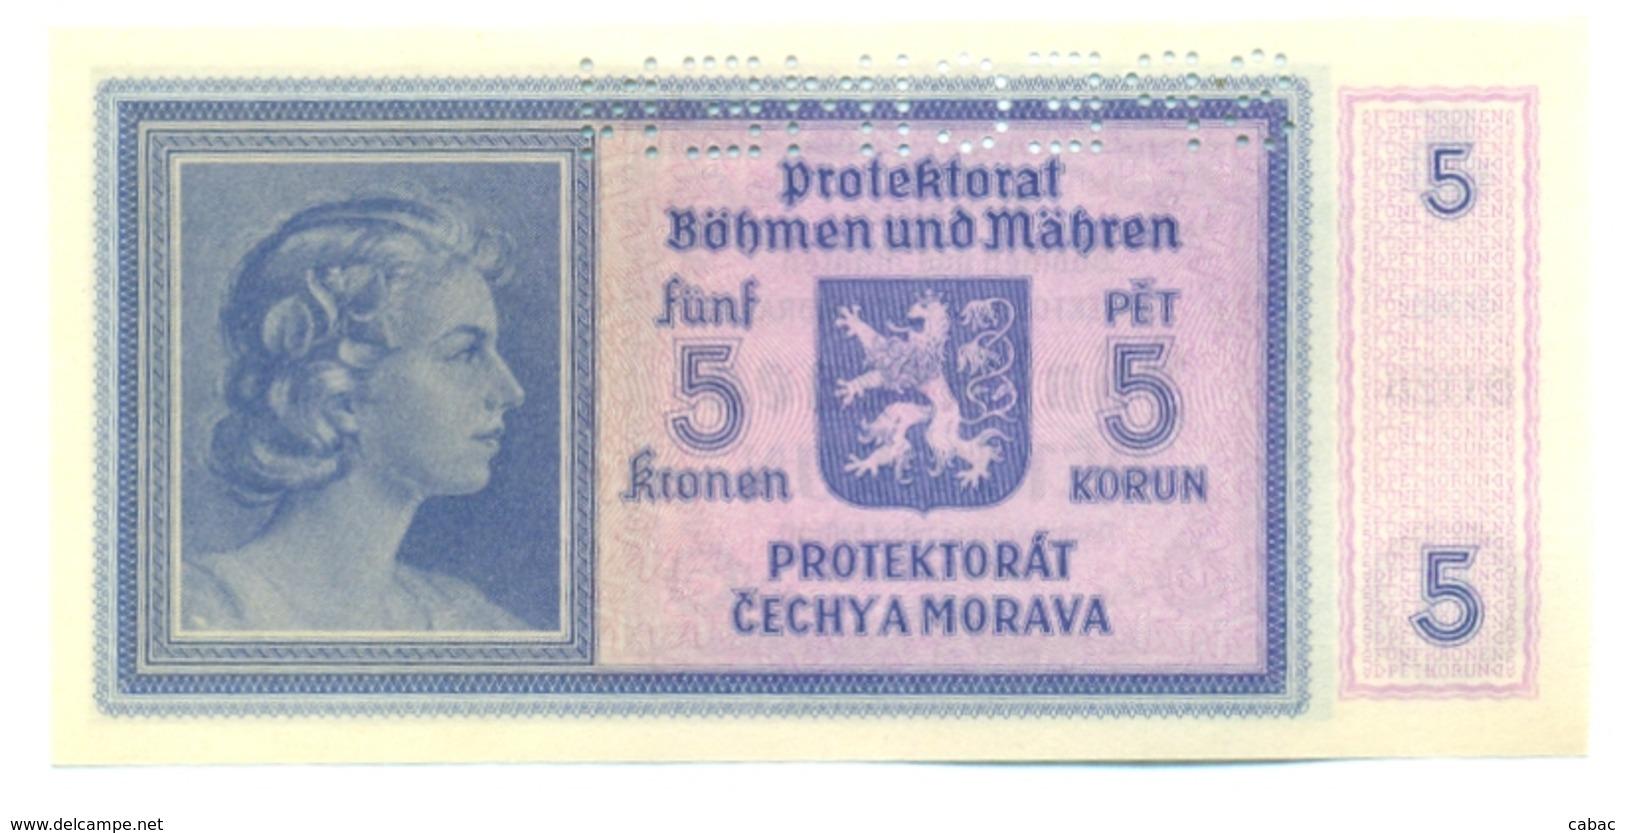 Funf Kronen, Pet Korun, 5 Korun, PROTEKTORAT, 1940, SPECIMEN, Čechya Morava, B 026, Bohemia Moravia - Tchécoslovaquie